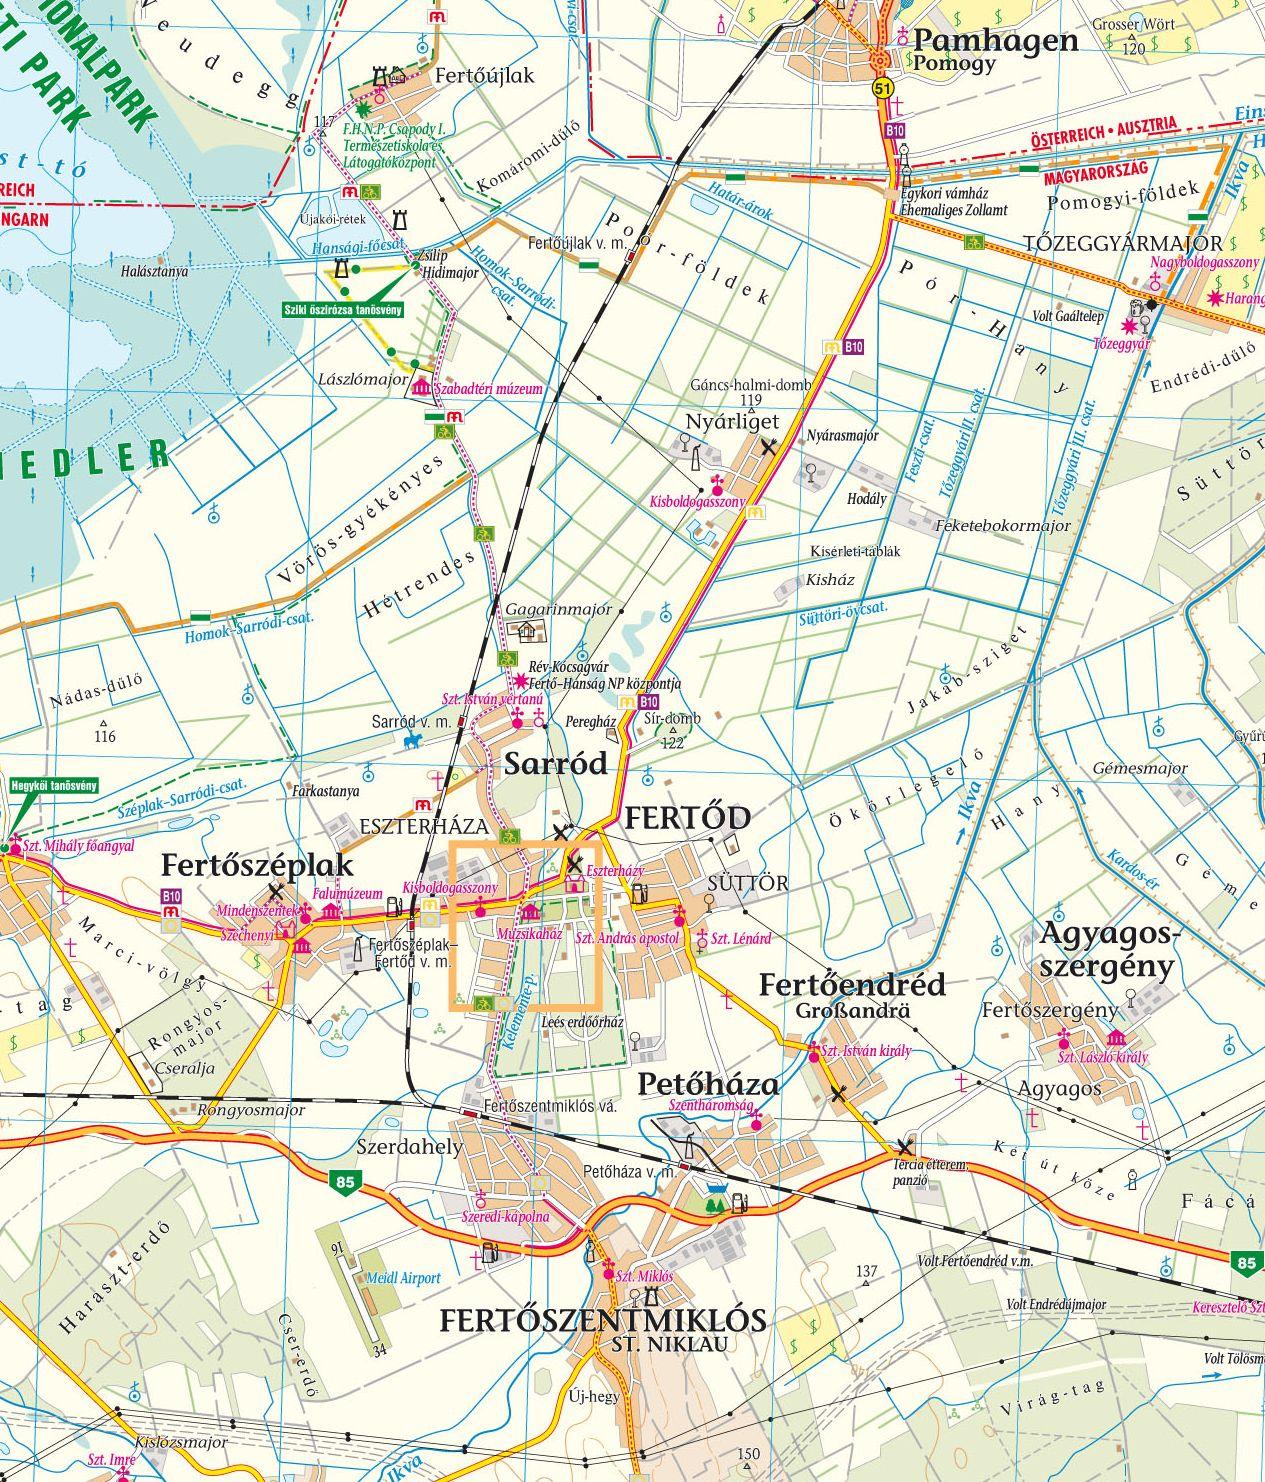 Fertő-Hanság térkép mintakivágat 1:80.000 (Fertőd)